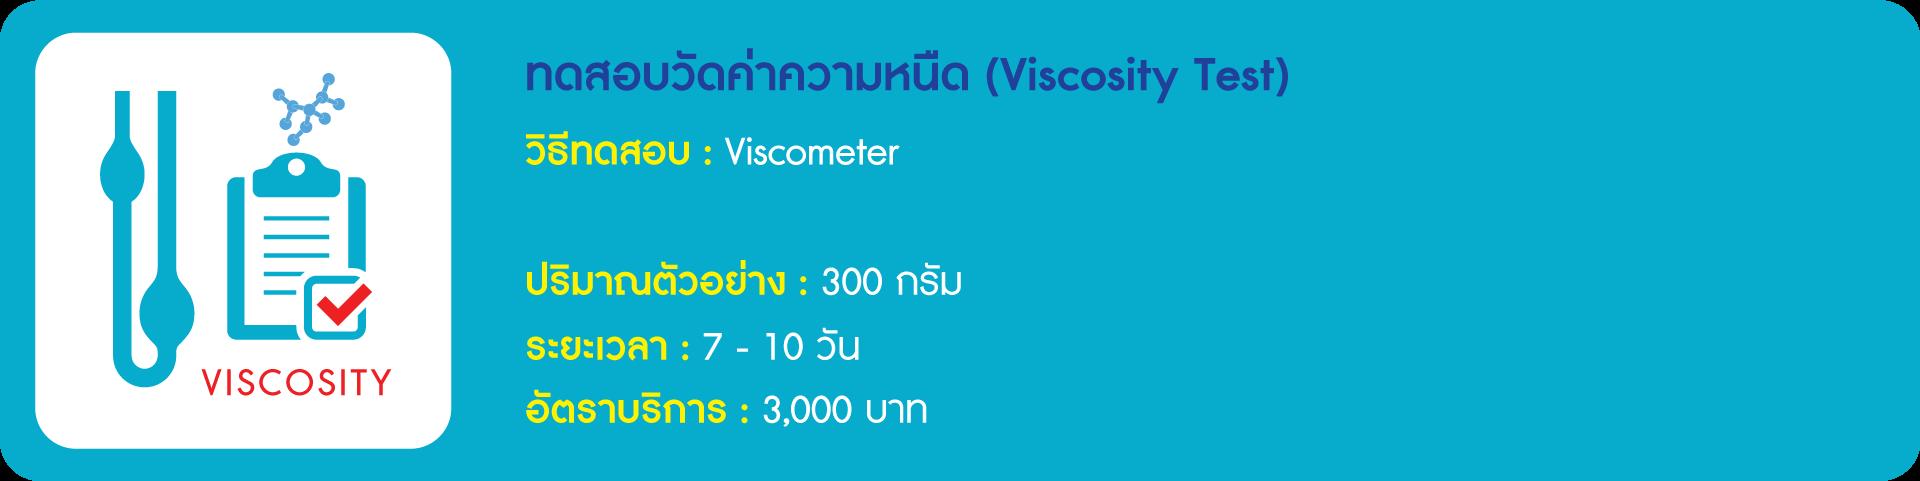 ทดสอบวัดค่าความหนืด (Viscosity Test)